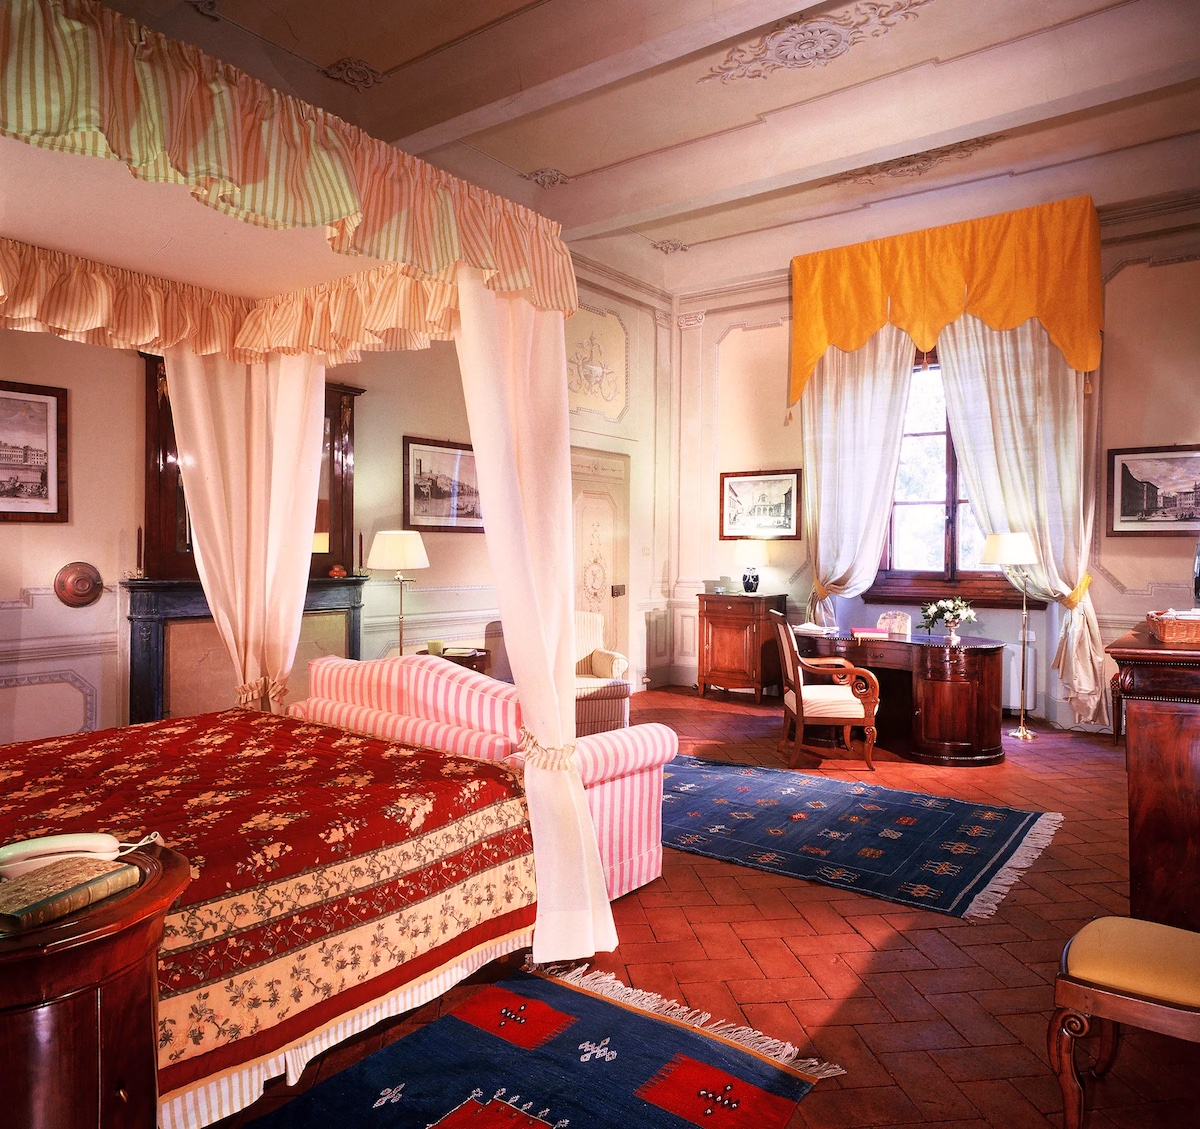 florentine-style-bedroom-10